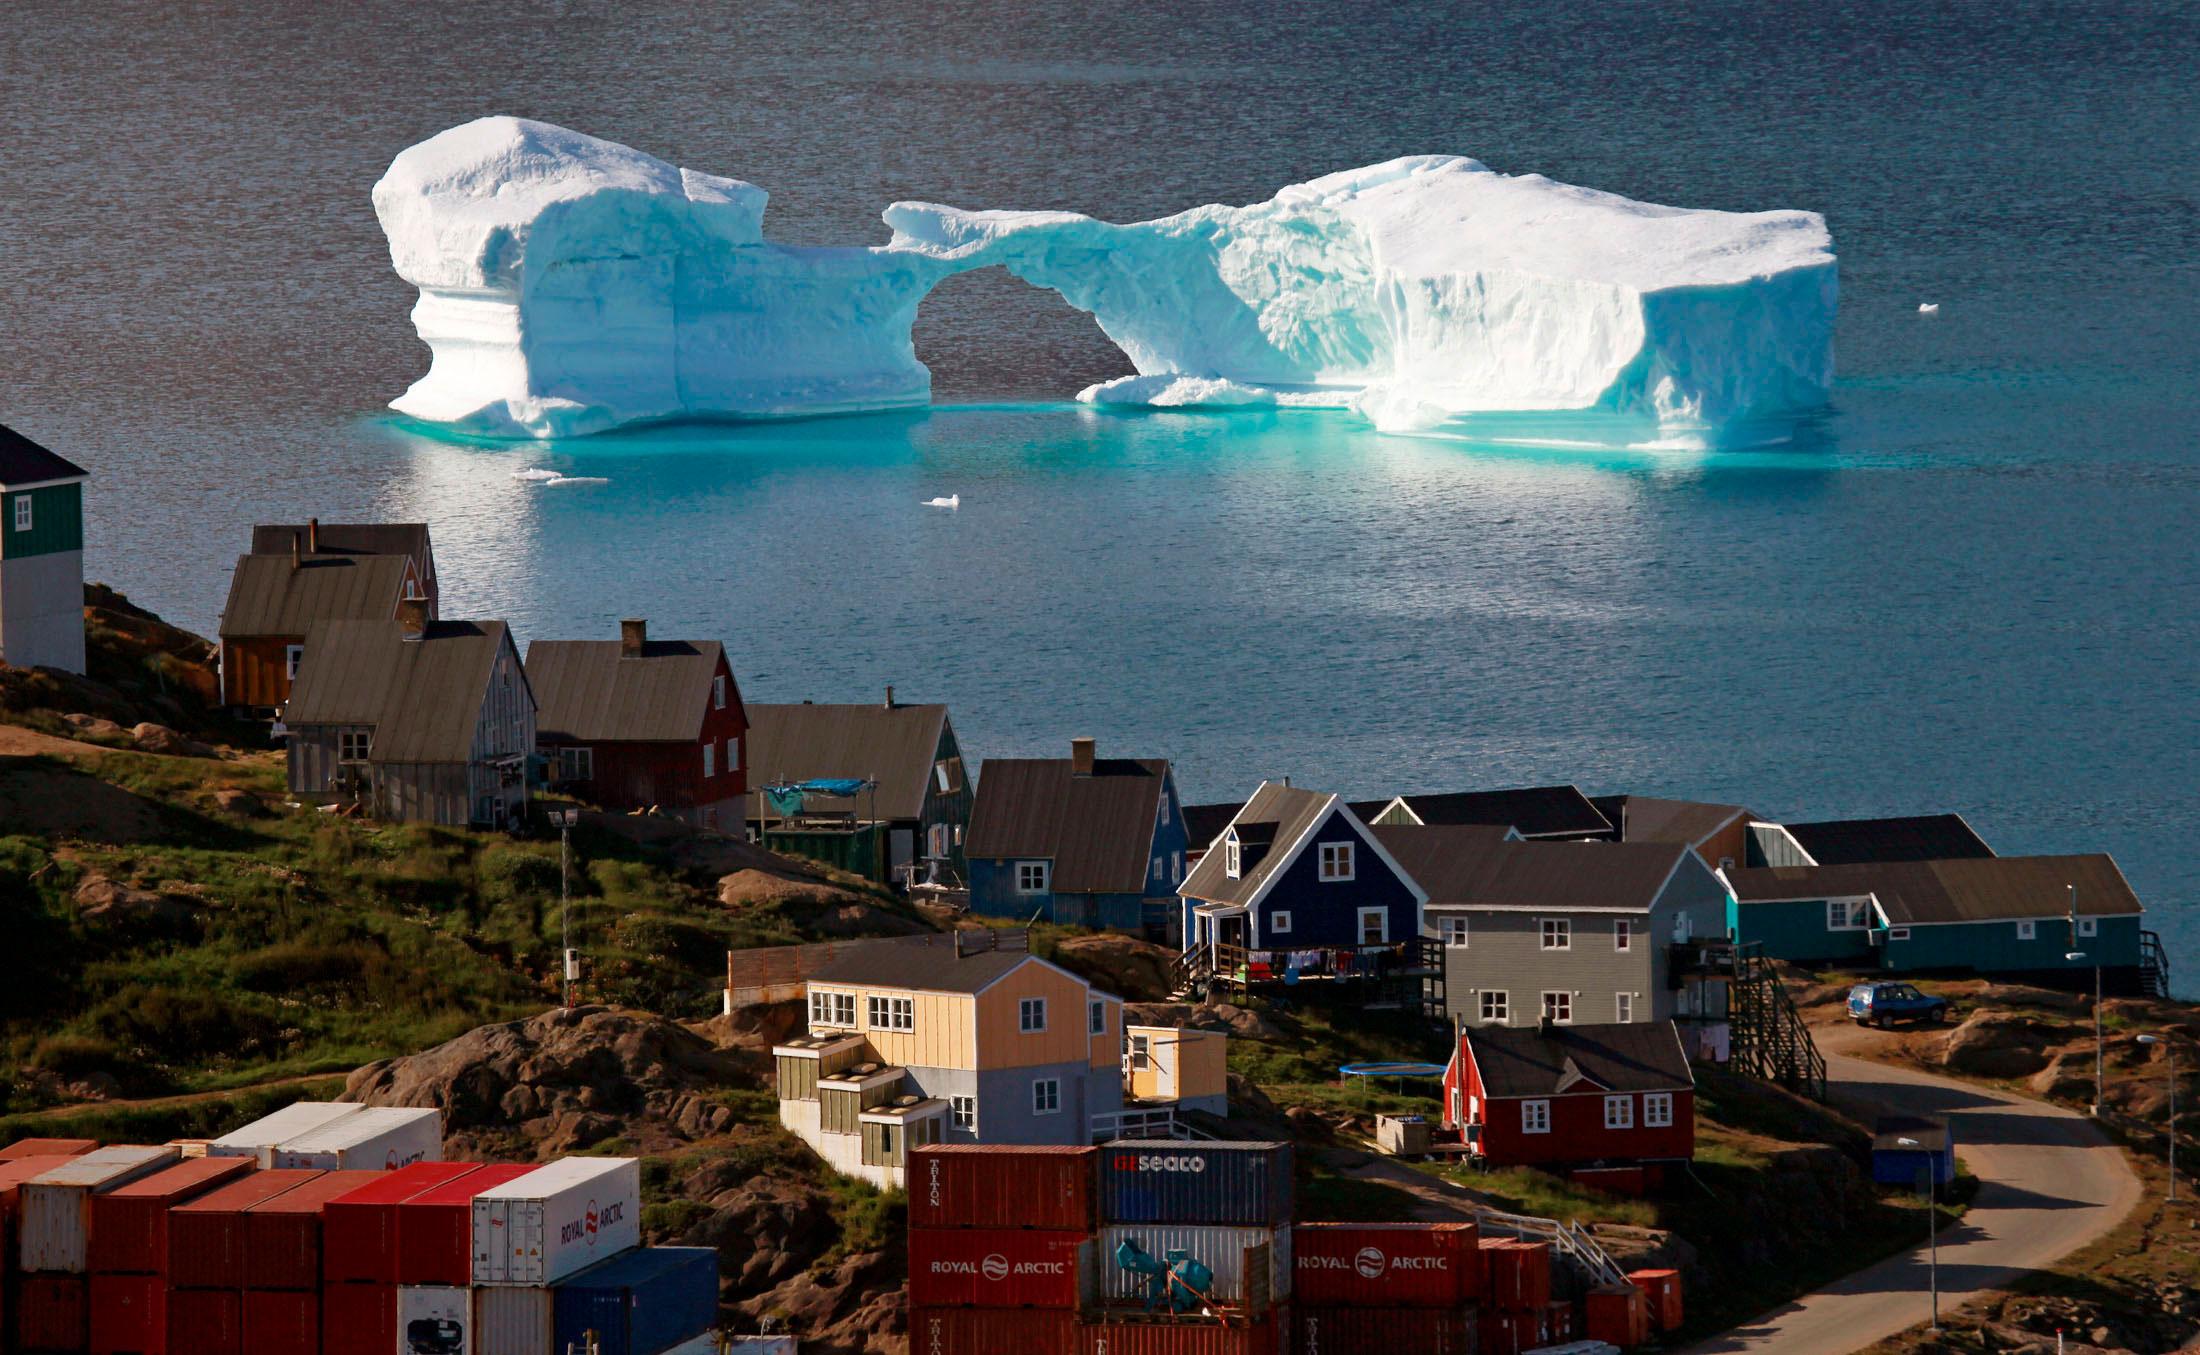 Айсберг возле гавани вгороде Кулусук, восточная Гренландия 1 августа 2009 года